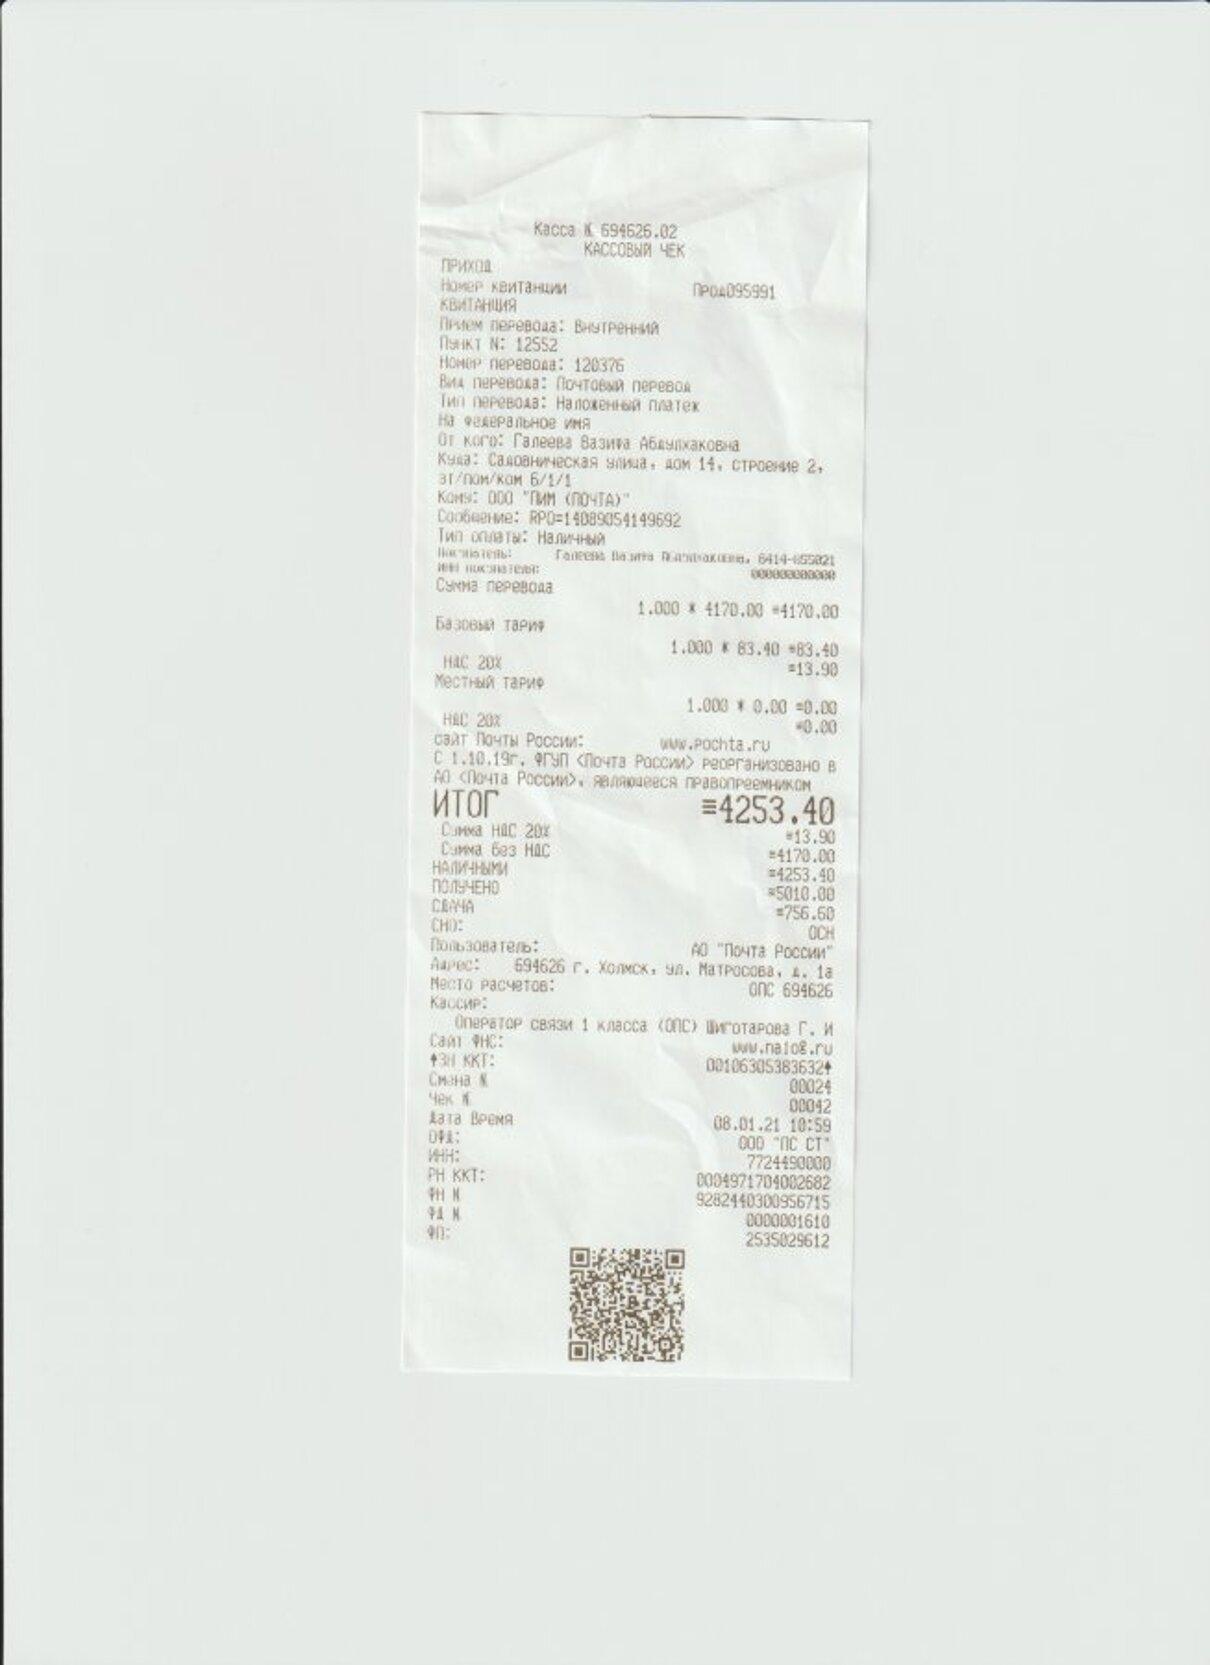 Жалоба-отзыв: LLC Parcels Pro для ООО Вертон - НЕ соответствие товара.  Фото №1